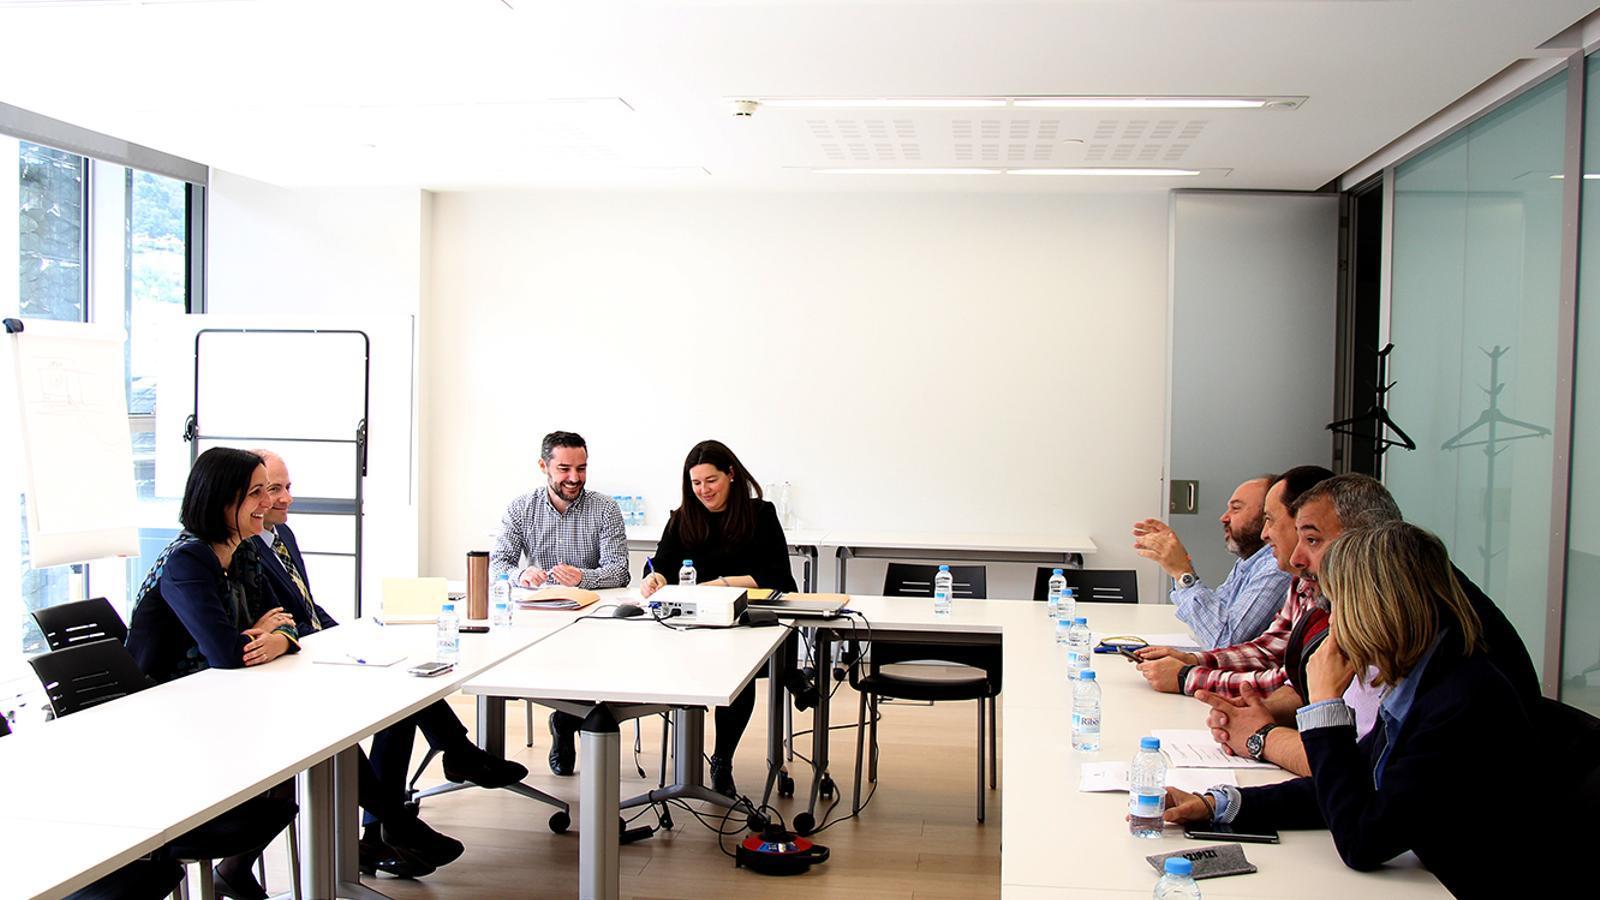 Un moment de la trobada entre els representants dels sindicats amb els consellers demòcrates Marc Ballestà, Sofia Garrallà, Maria Martisella i Carles Jordana. / M. F. (ANA)